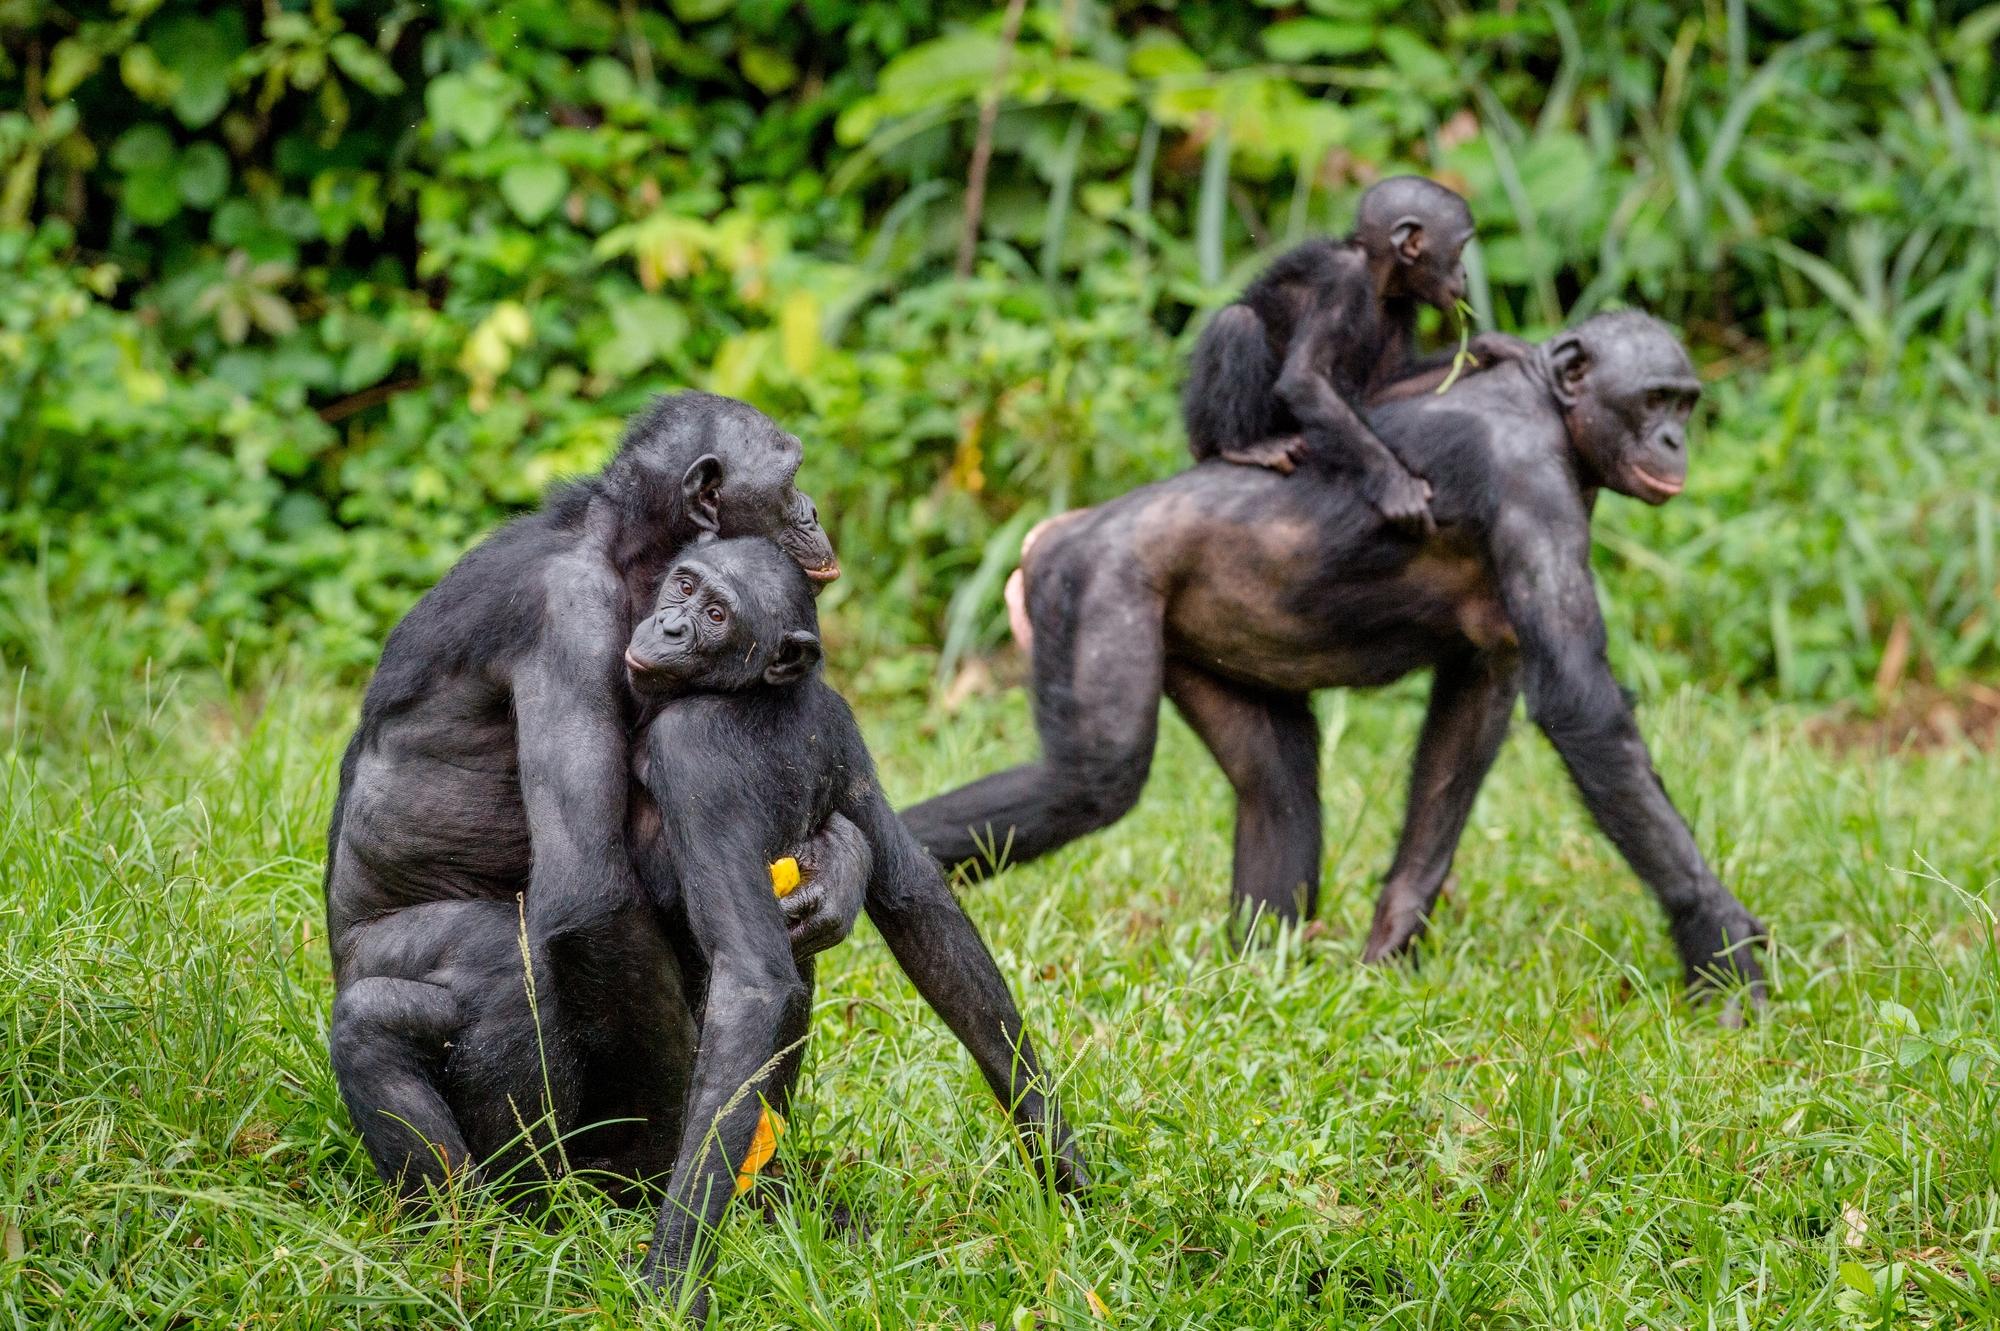 Пара бонобо спаривается. Мимо проходит самка сдетёнышем.